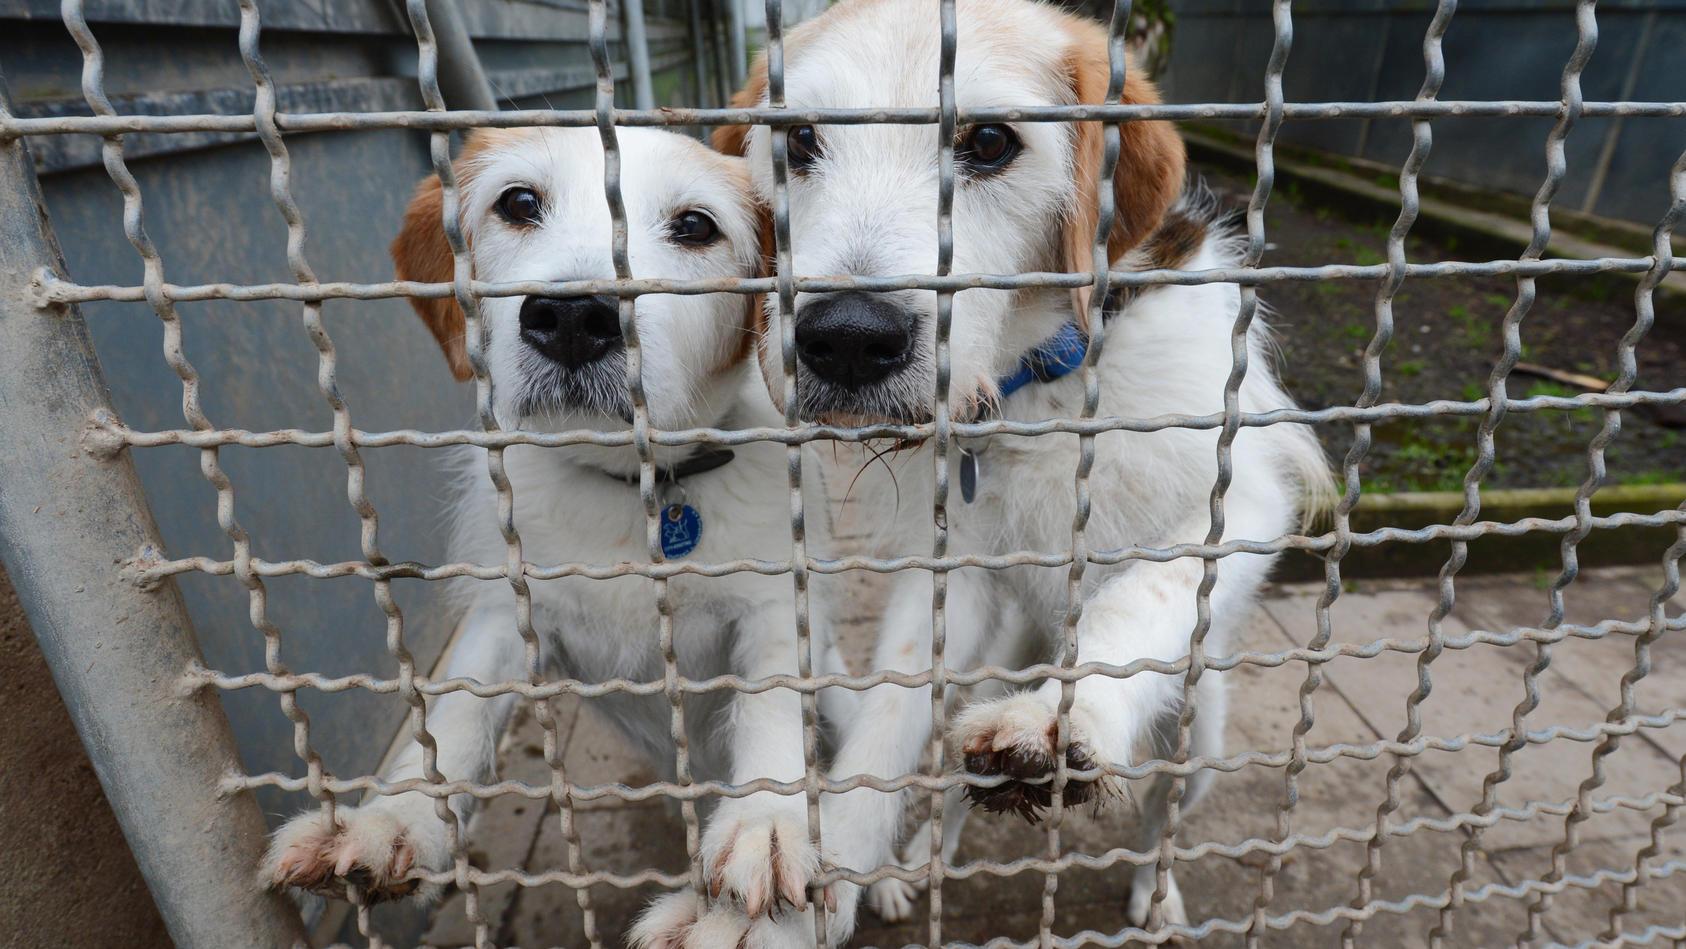 Immer mehr Hunde landen in Großbritannien im Tierheim. Auch in Deutschland zeichnet sich ein besorgniserregender Trend wegen der Corona-Pandemie ab. (Symbolbild)